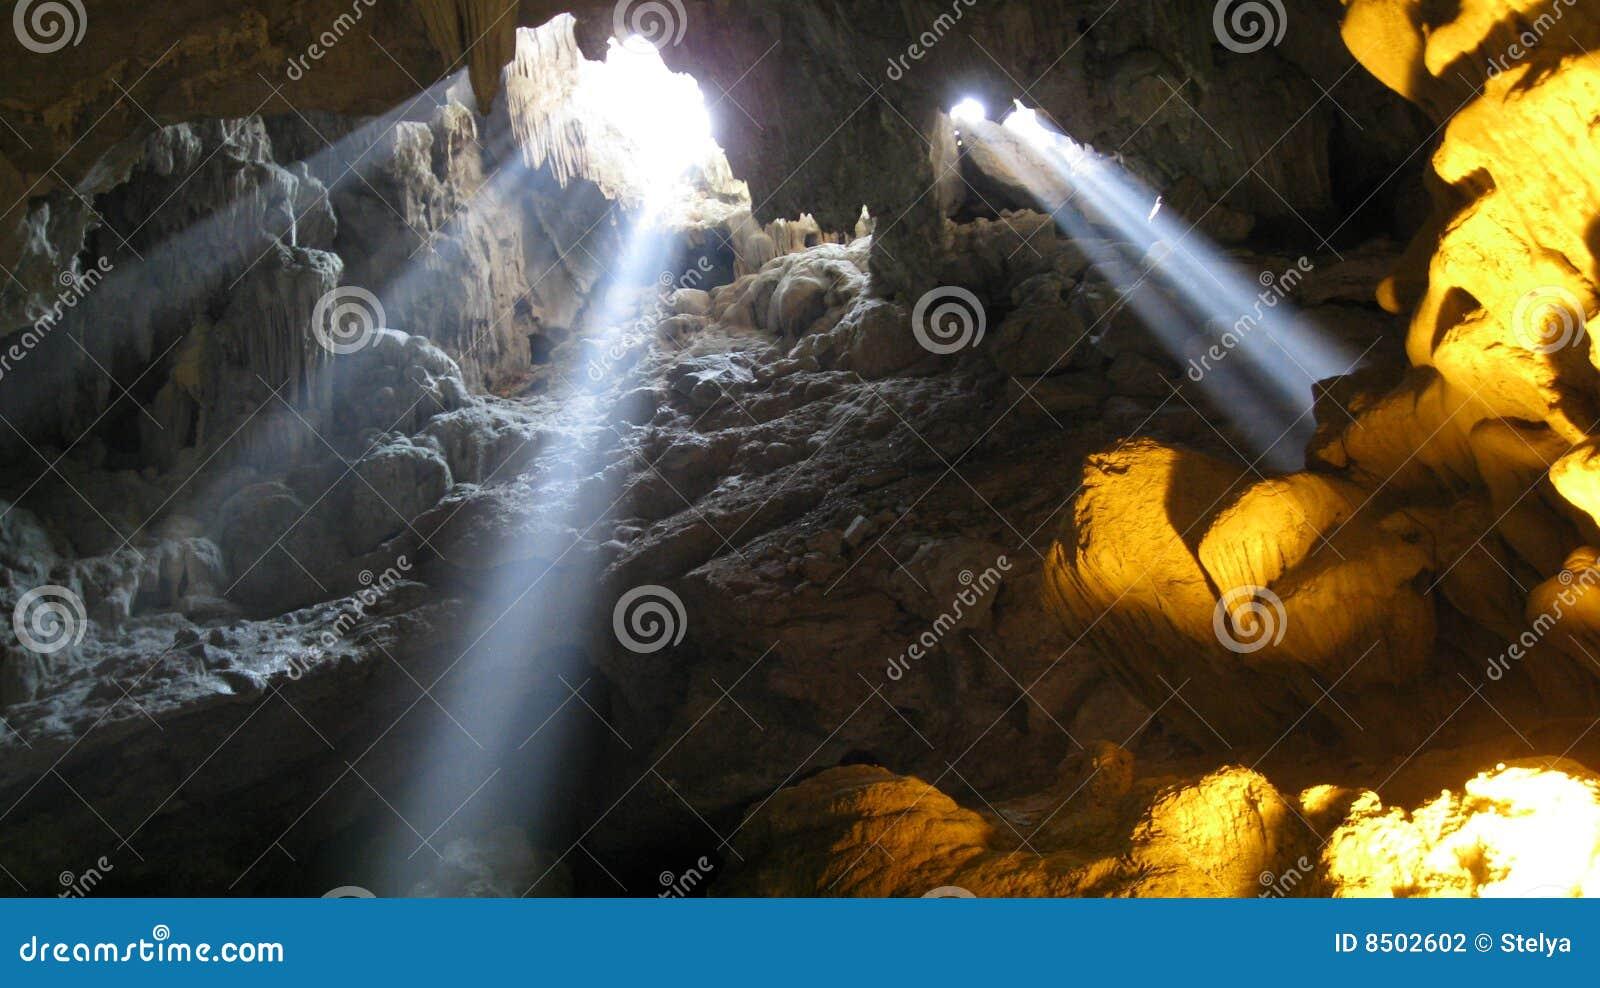 Ligero entrando en una cueva